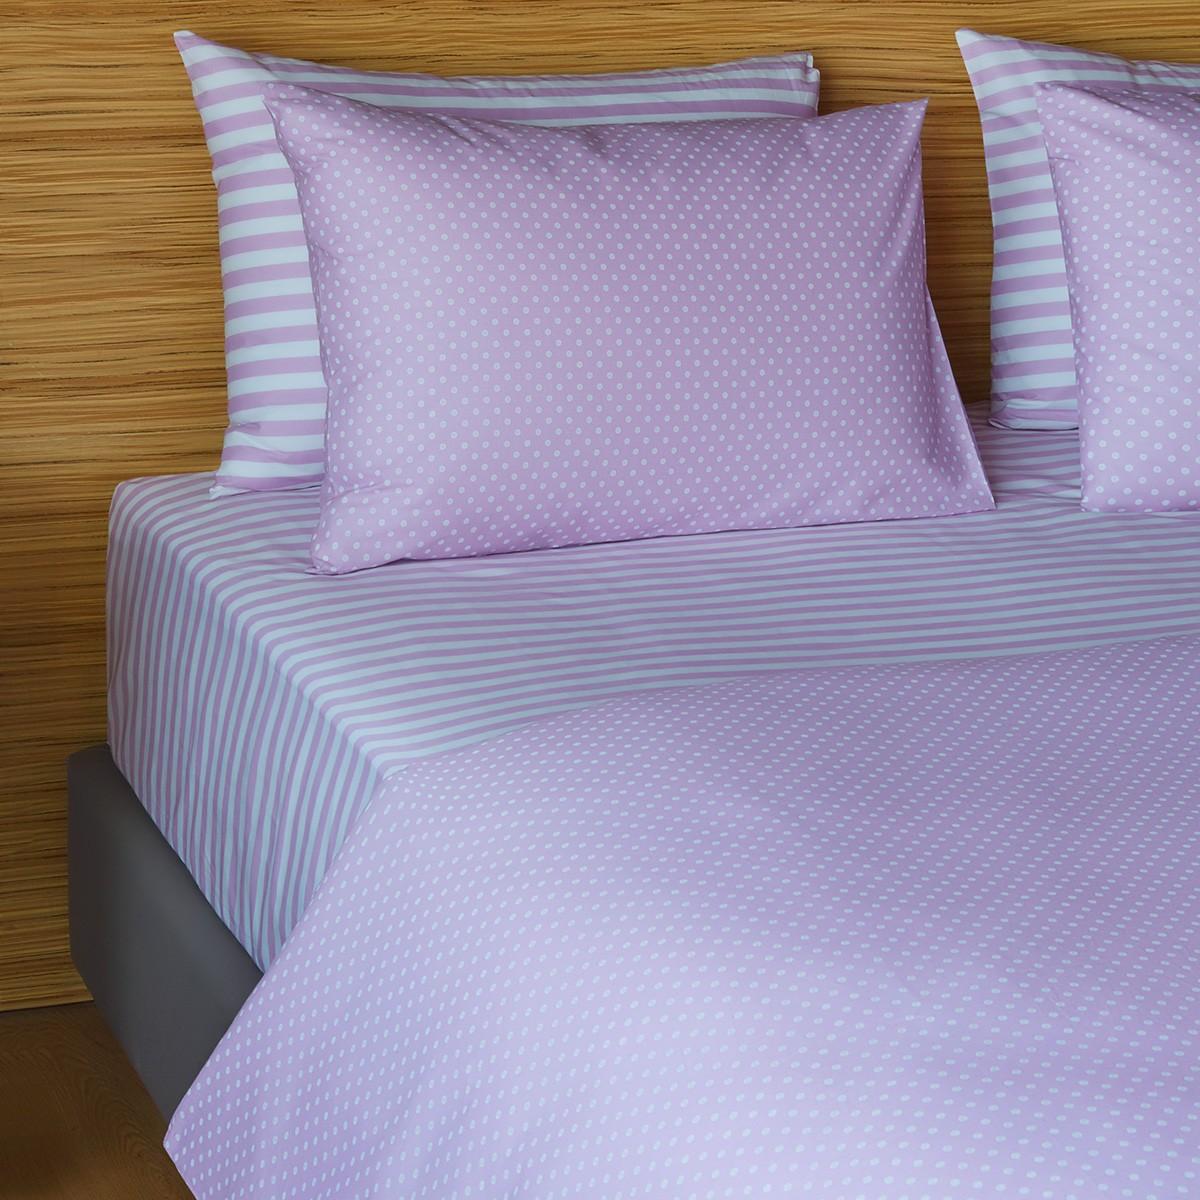 Σεντόνια Υπέρδιπλα (Σετ) Melinen 12532 Lilac